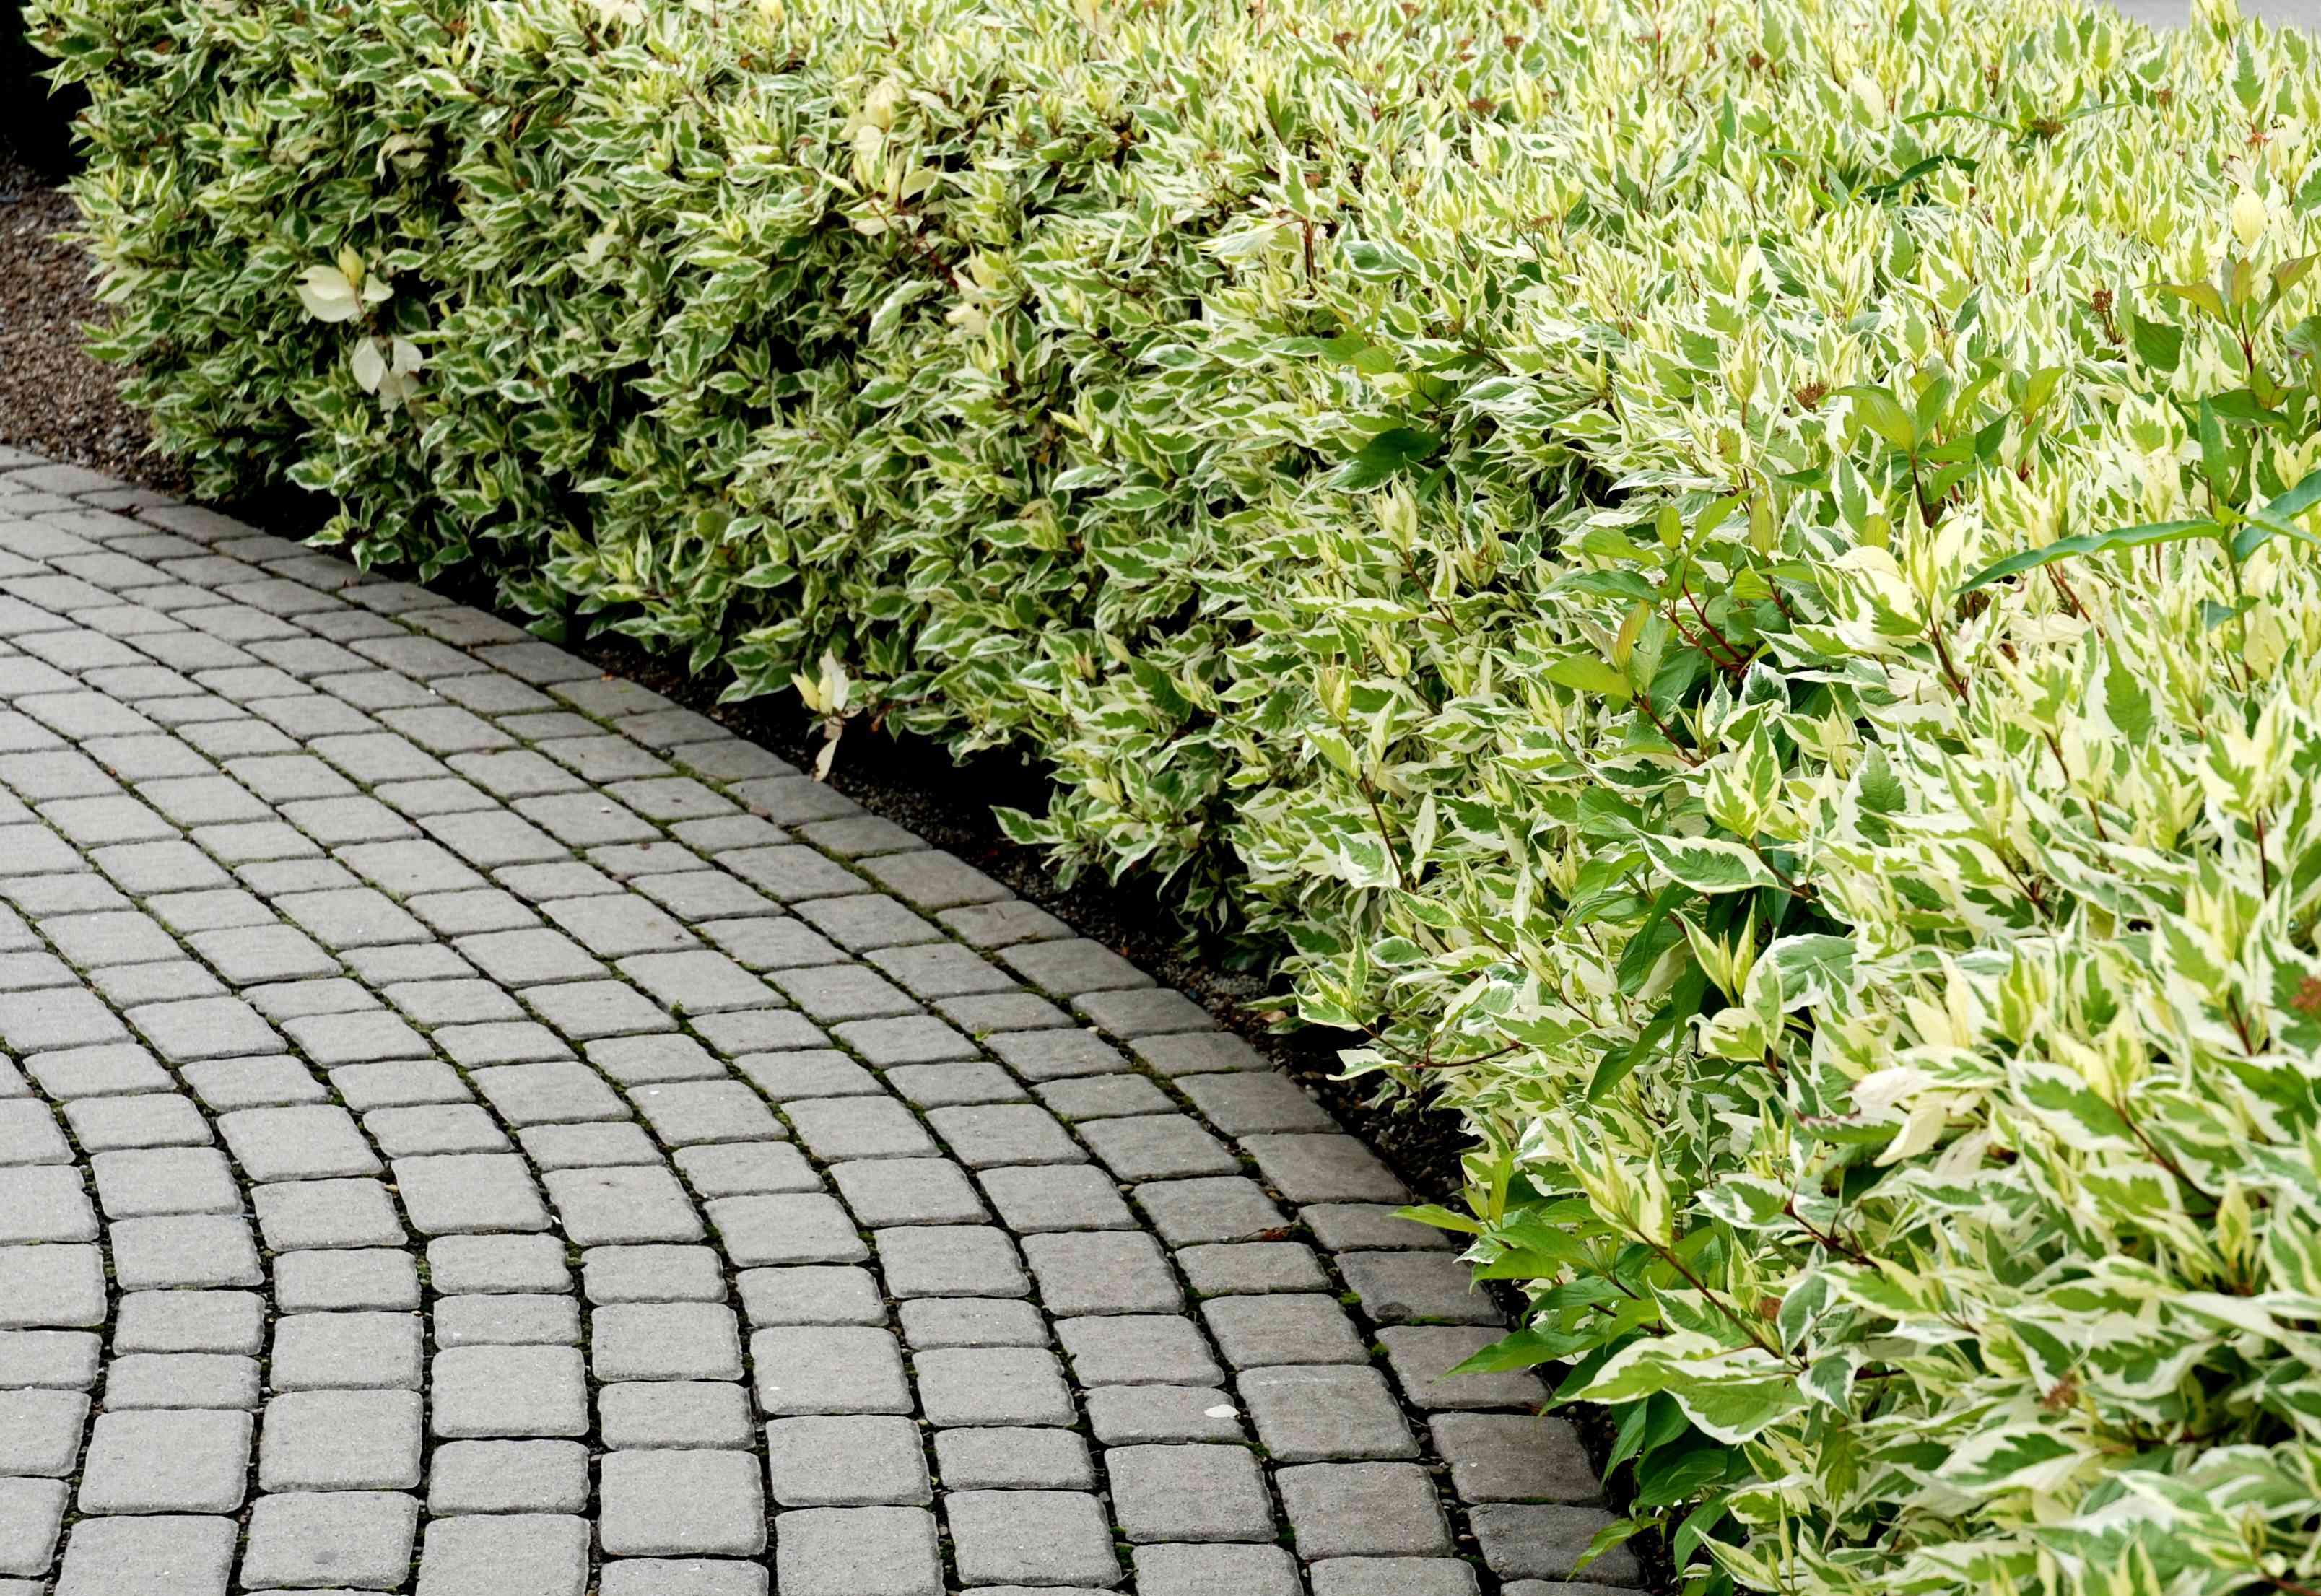 Dogwood hedge next to a path